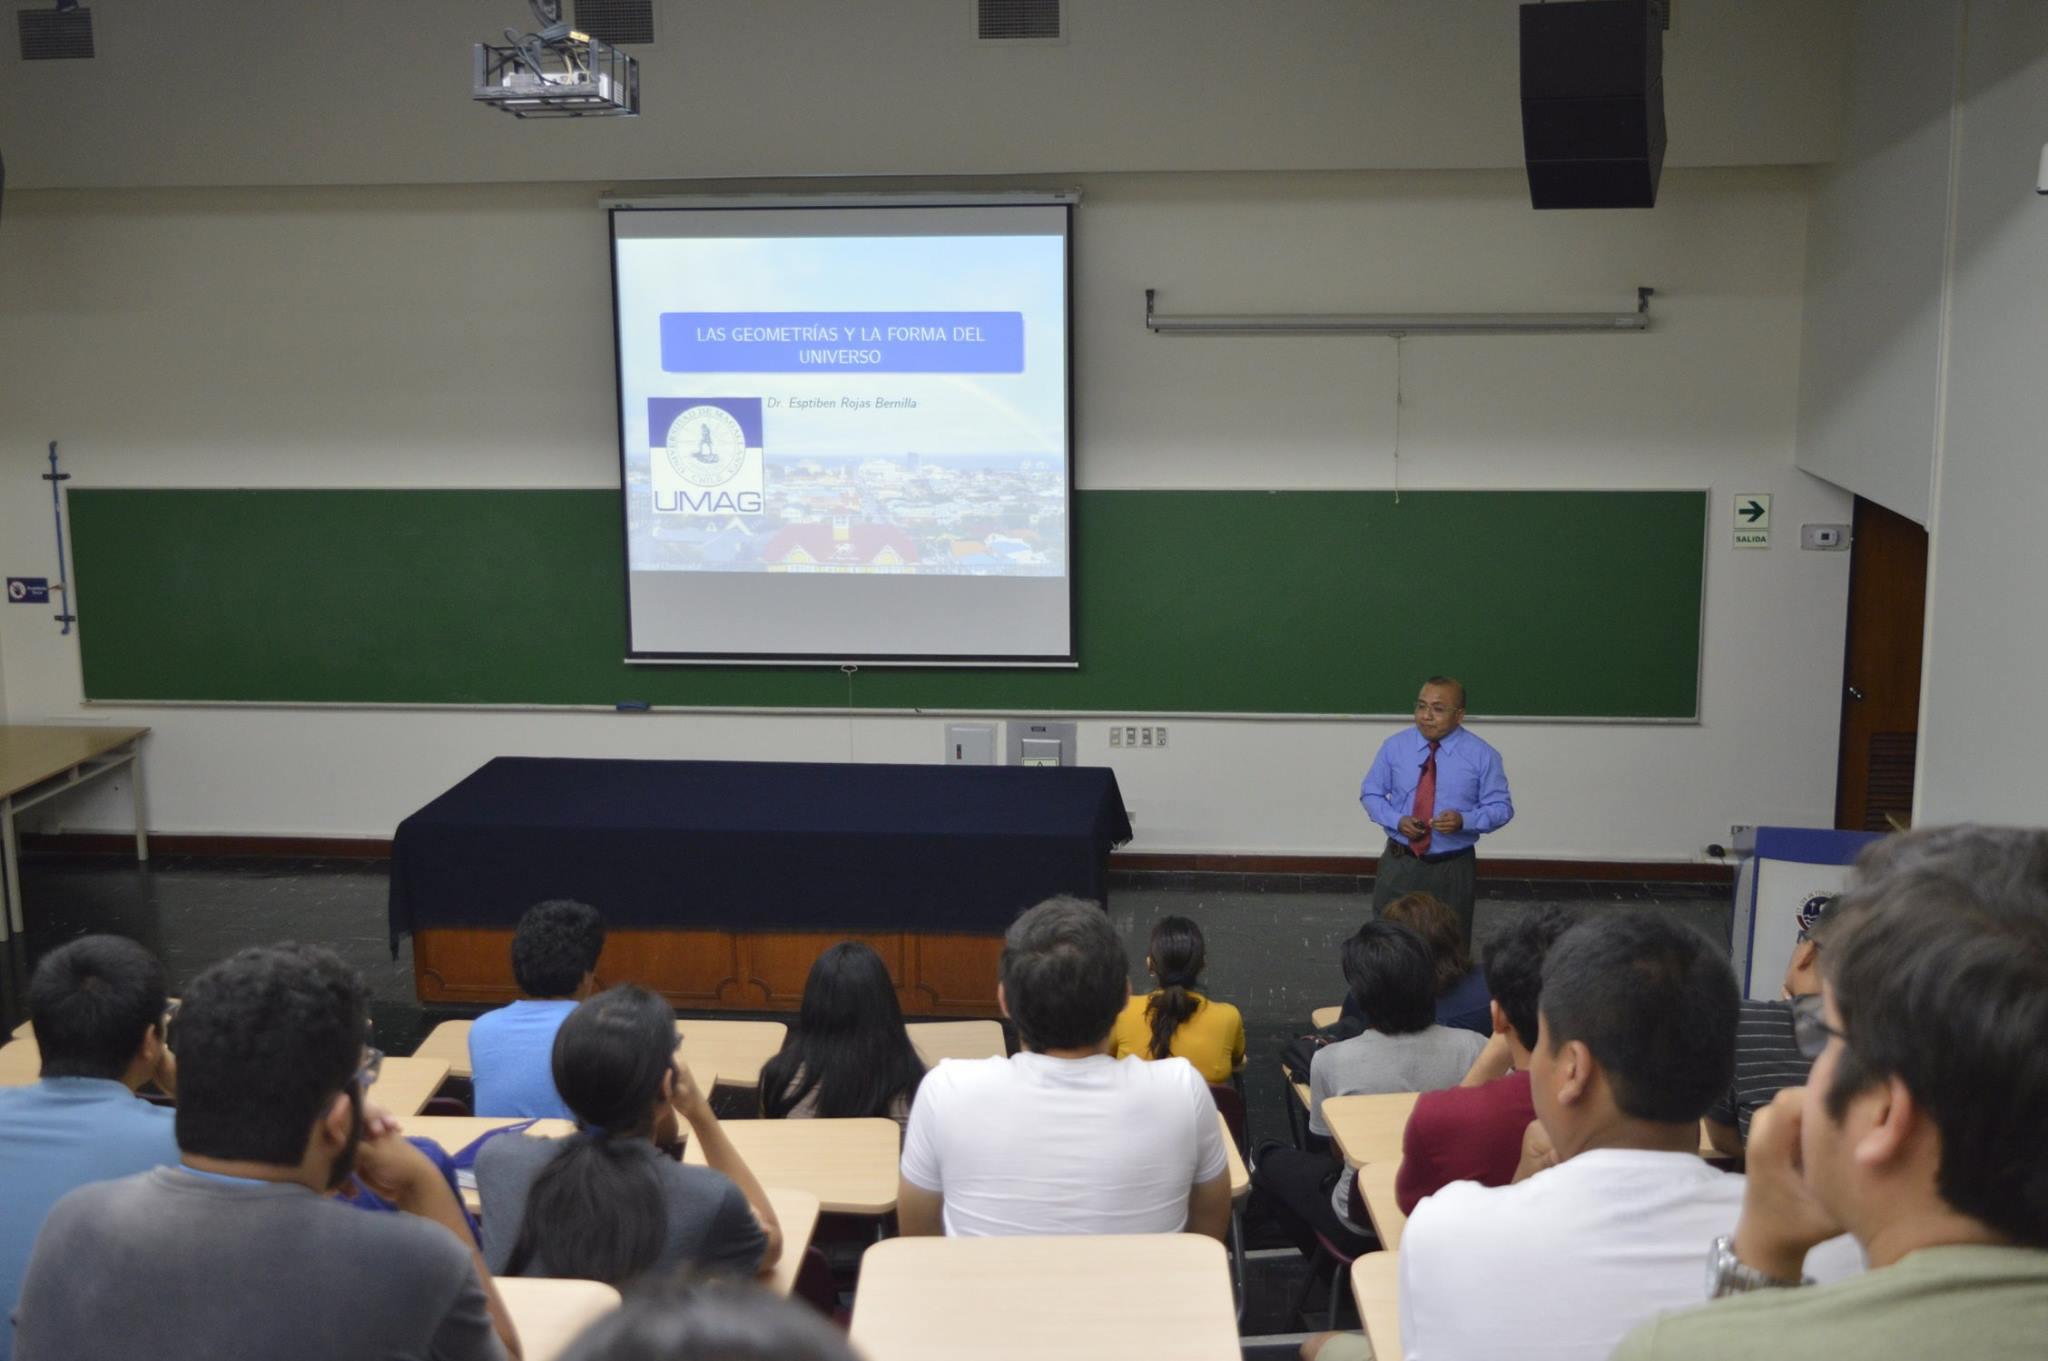 Profesor participó en coloquio de Matemática y Física en Perú